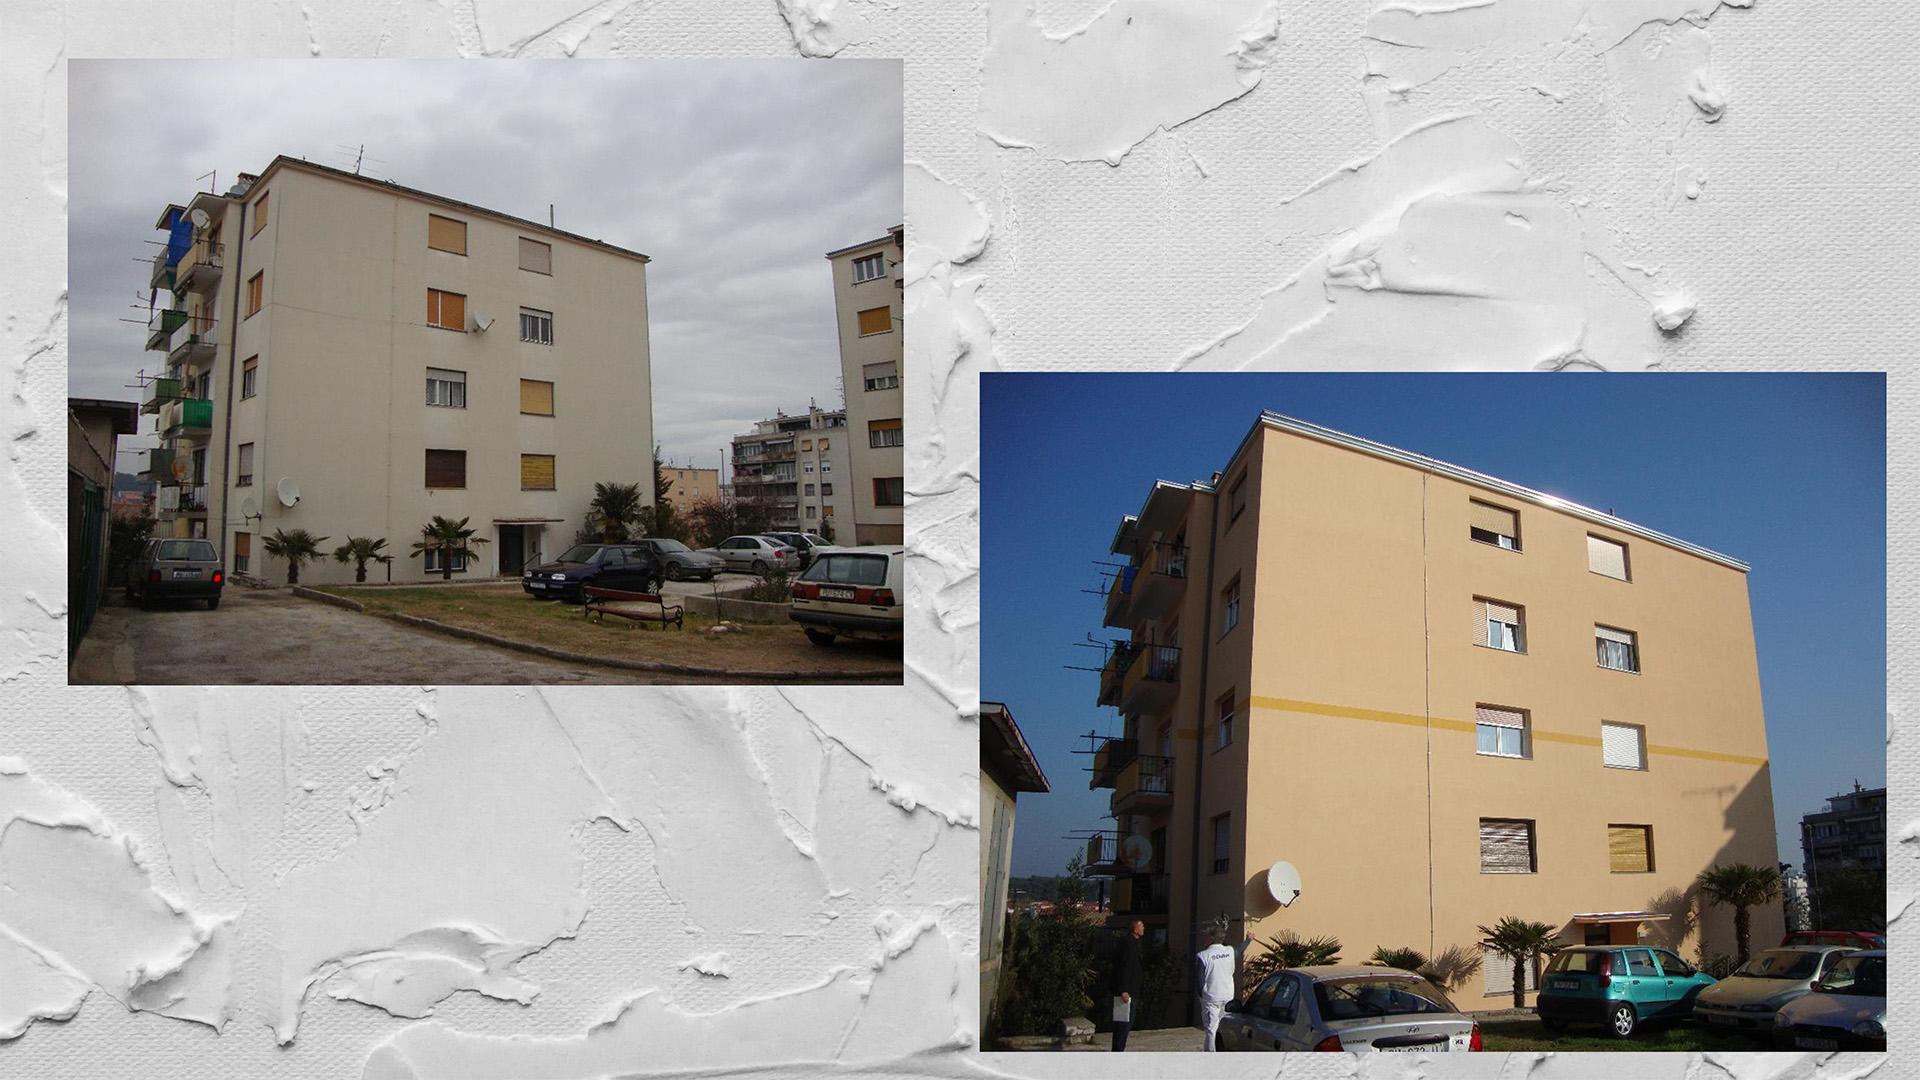 Ristrutturazione energetica dell'edificio - Progetto Rakovčeva n. 39, Pula